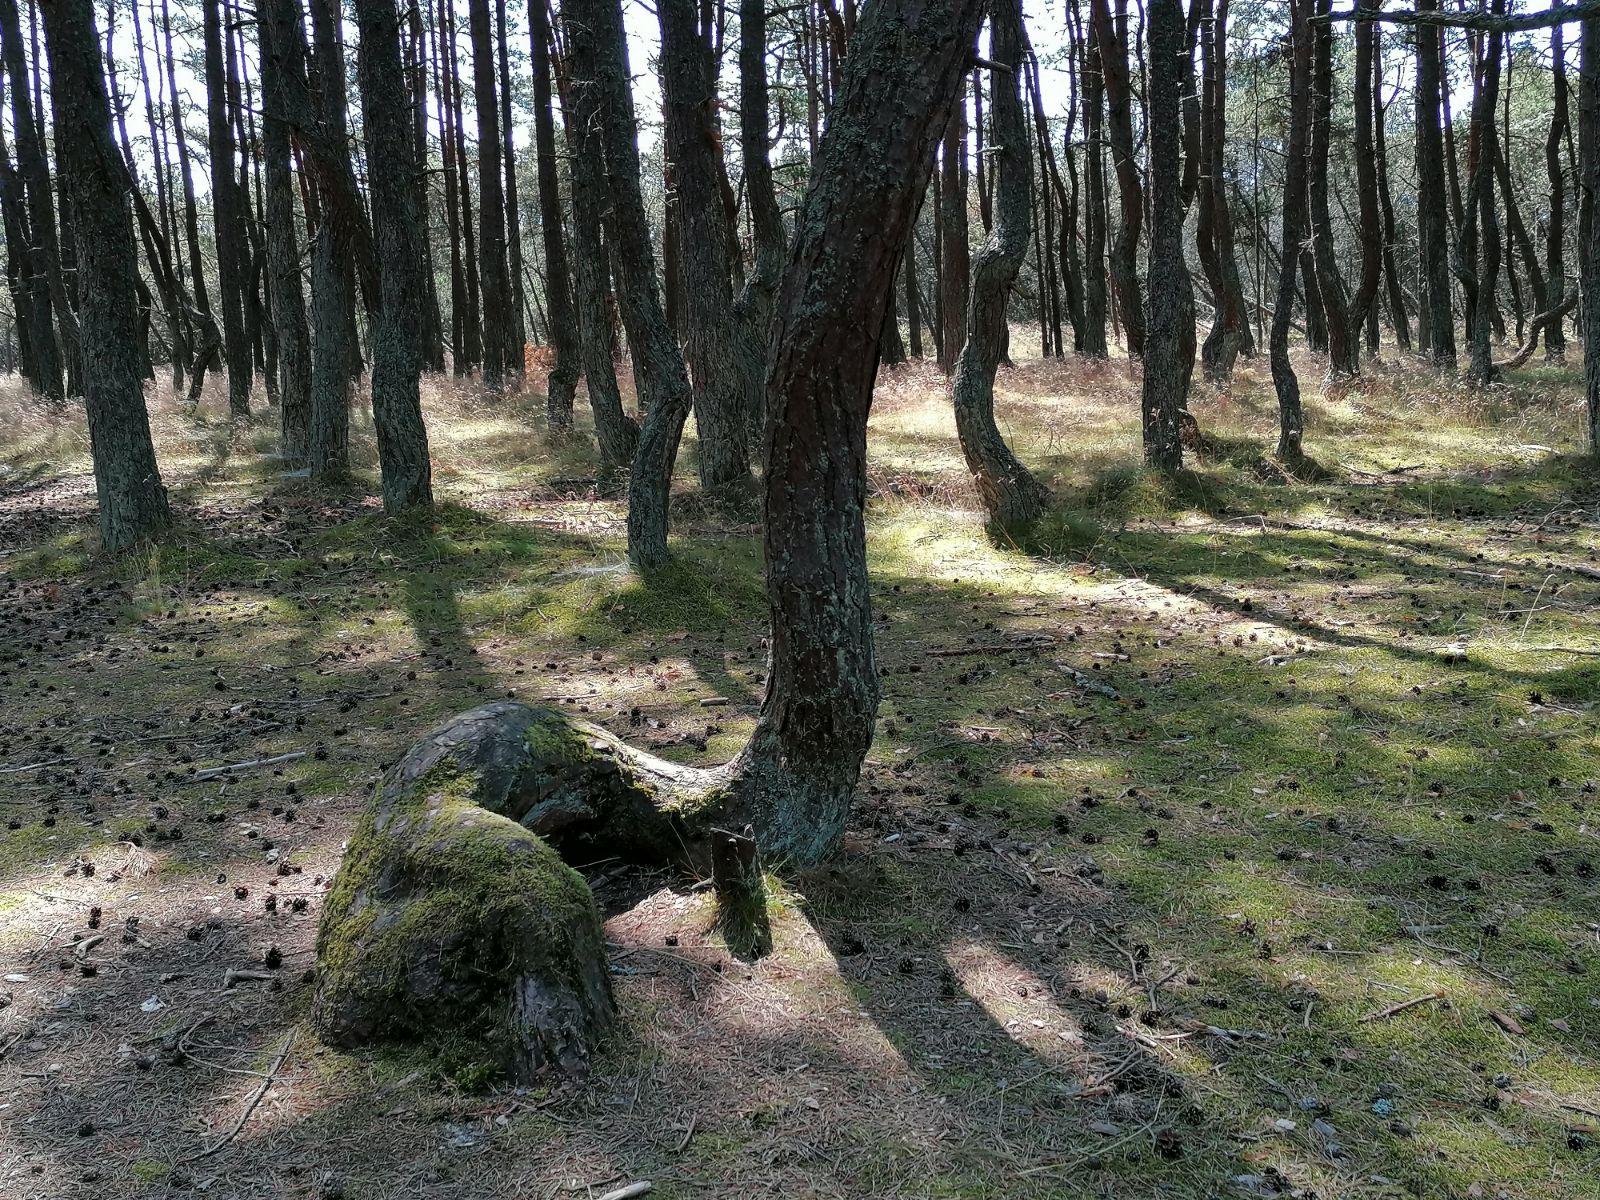 Kuršių nerijoje, likus kelioms dešimtims kilometrų iki Lietuvos sienos, akį traukia pušynas su neįprastai išsiraičiusiomis pušimis. Tai – Šokantis miškas. / I. Kriščiūnienės nuotr.